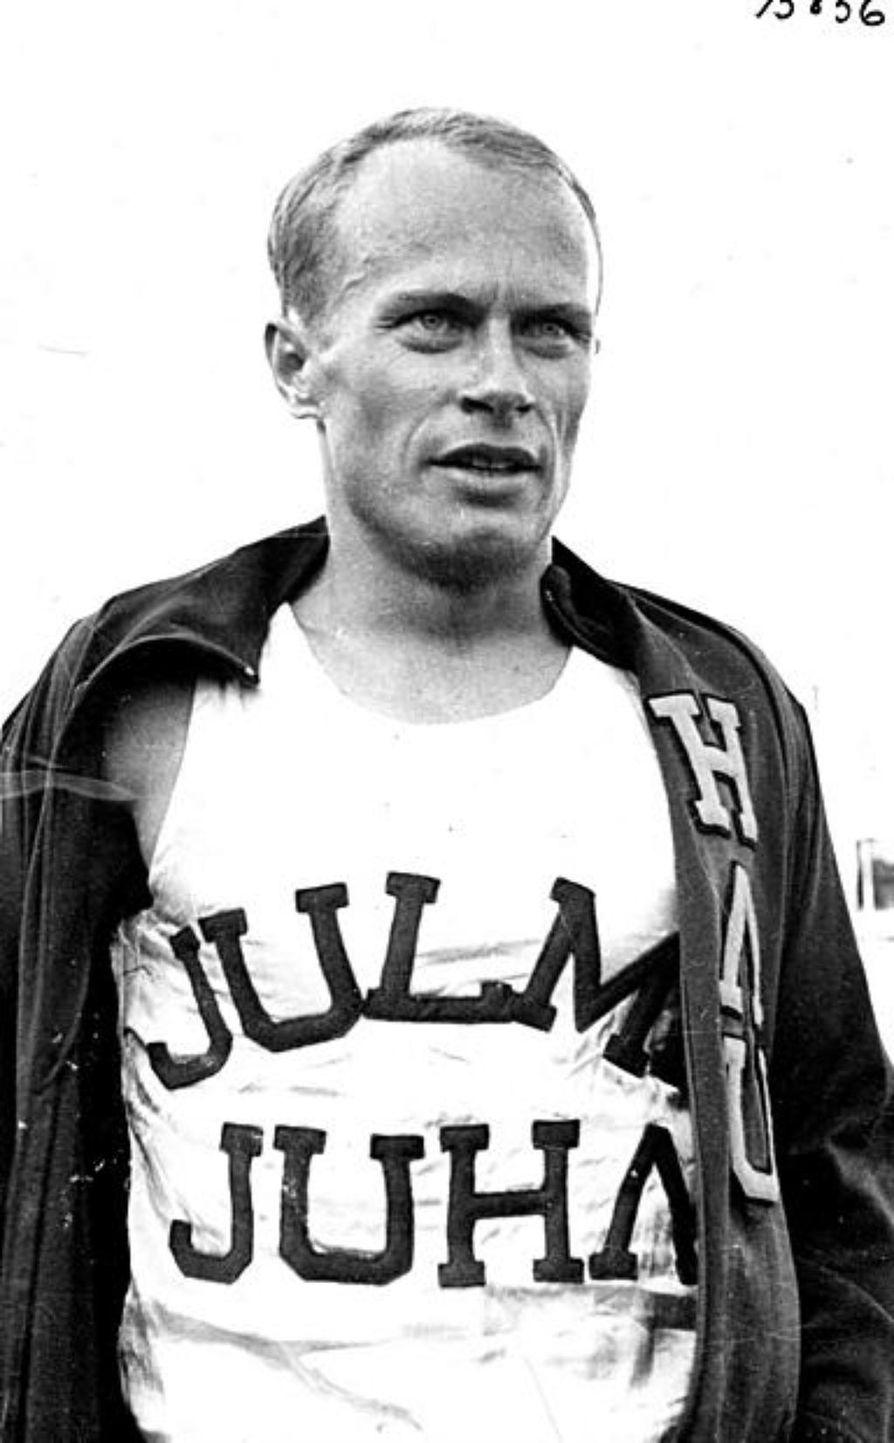 Suomen yleisurheilun nousu alkoi vuonna 1971, kun Juha Väätäinen voitti 10 000 metrin Euuropan mestaruuden Helsingissä.